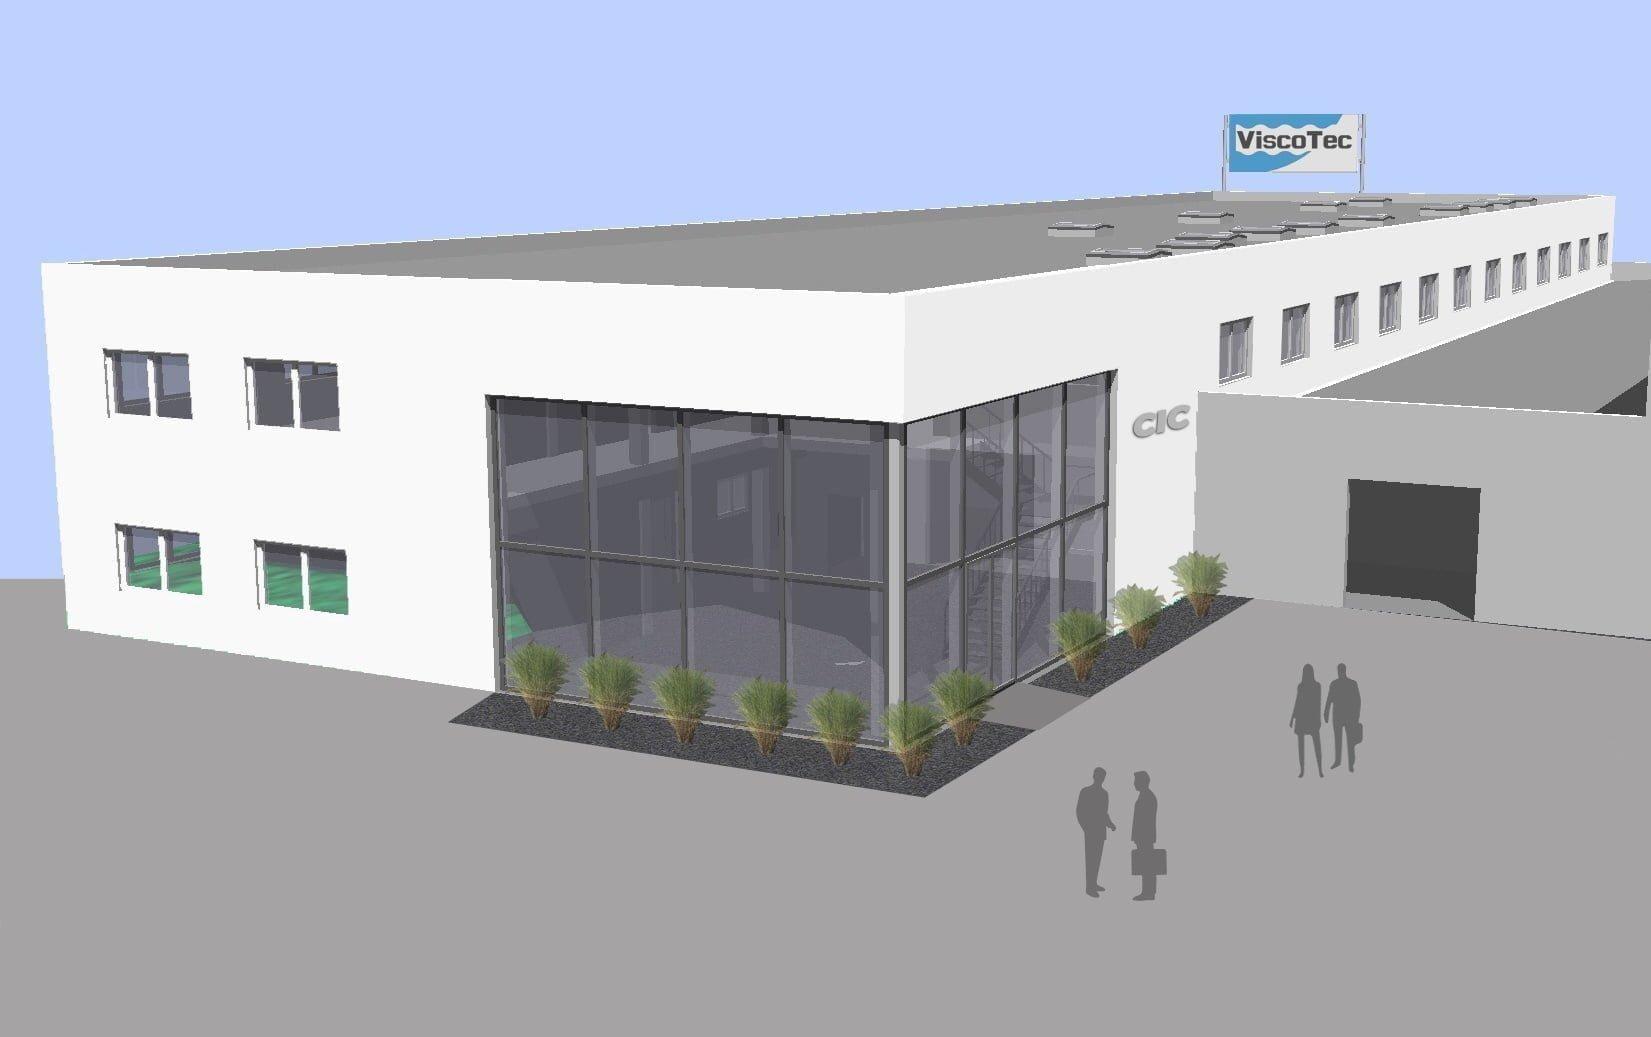 Geplante Erweiterung der ViscoTec Pumpen- u. Dosiertechnik GmbH